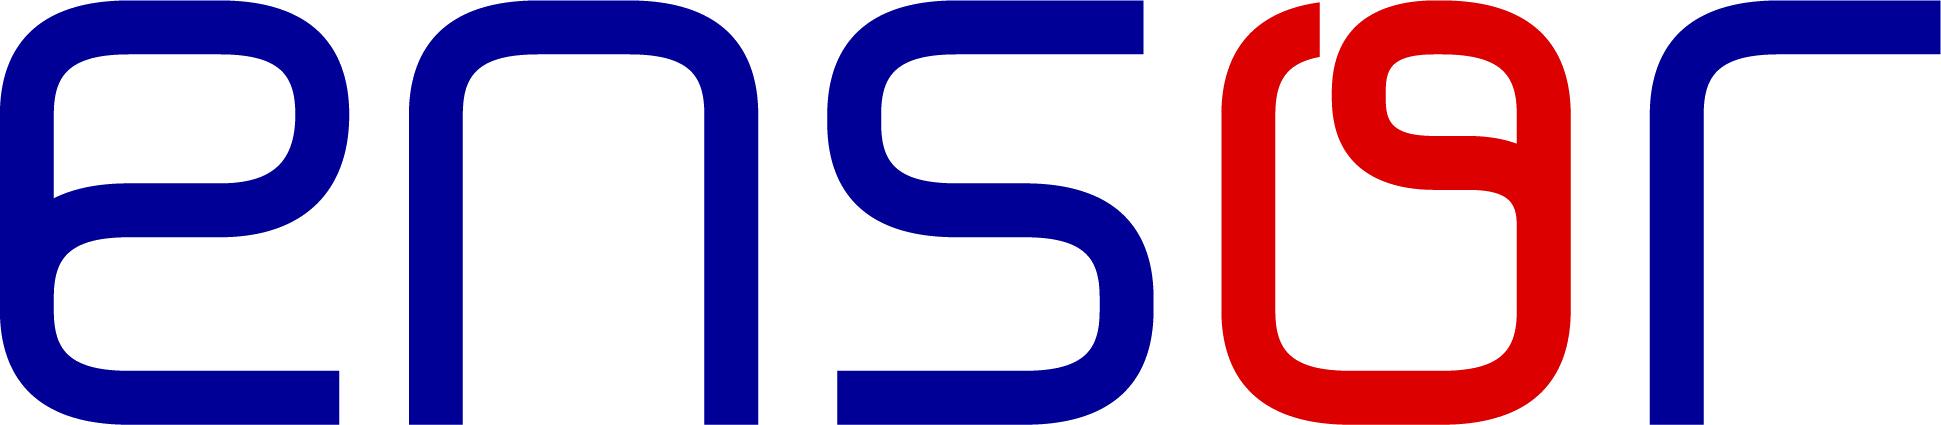 Ensoar GmbH wird Ensor AG